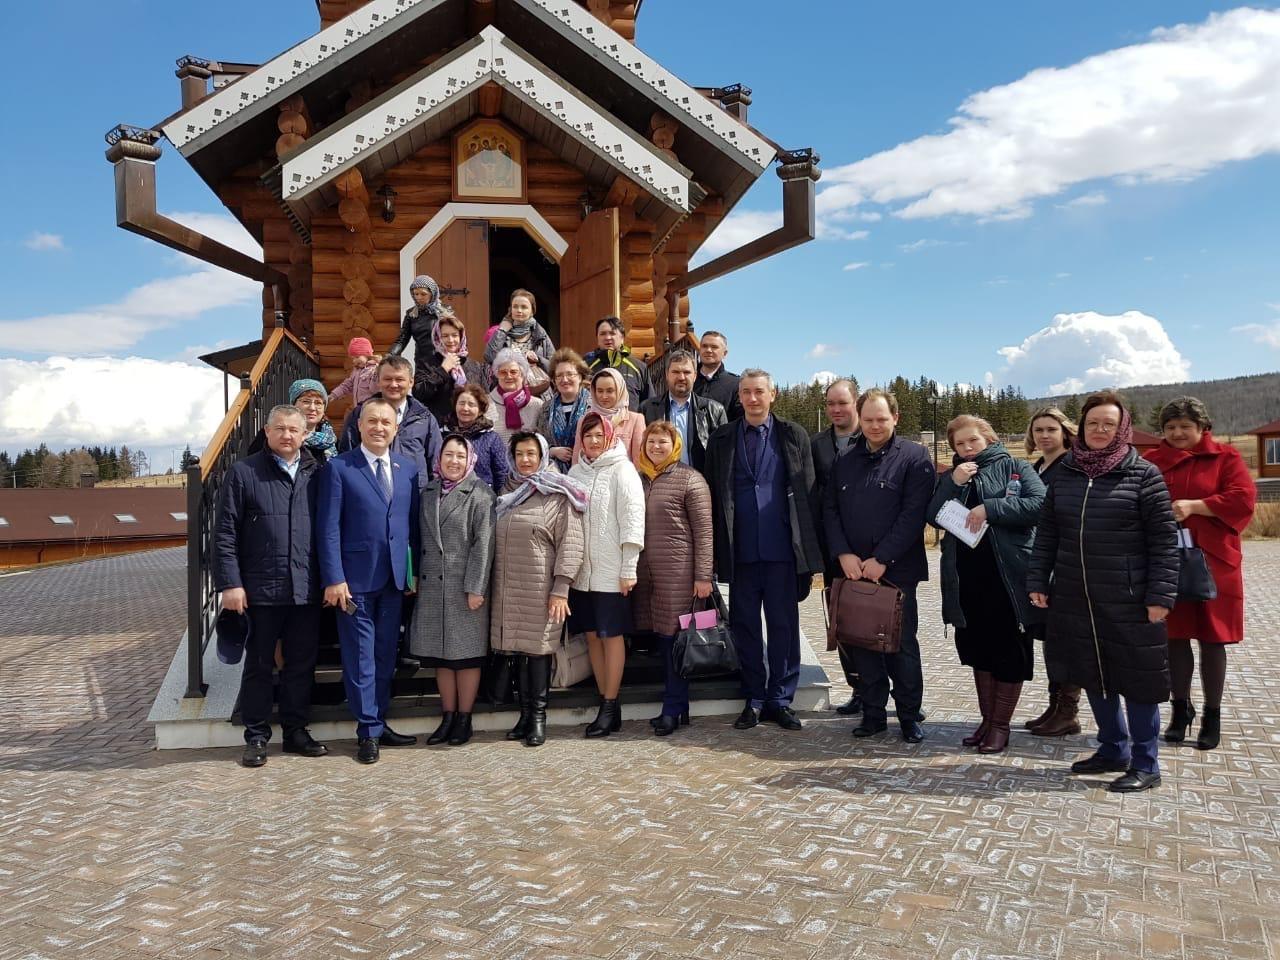 22 апреля, на базе КПЦ им. Святителя Иннокентия (Вениаминова), прошло расширенное выездное заседание комитета по социально-культурному законодательству Законодательного Собрания Иркутской области